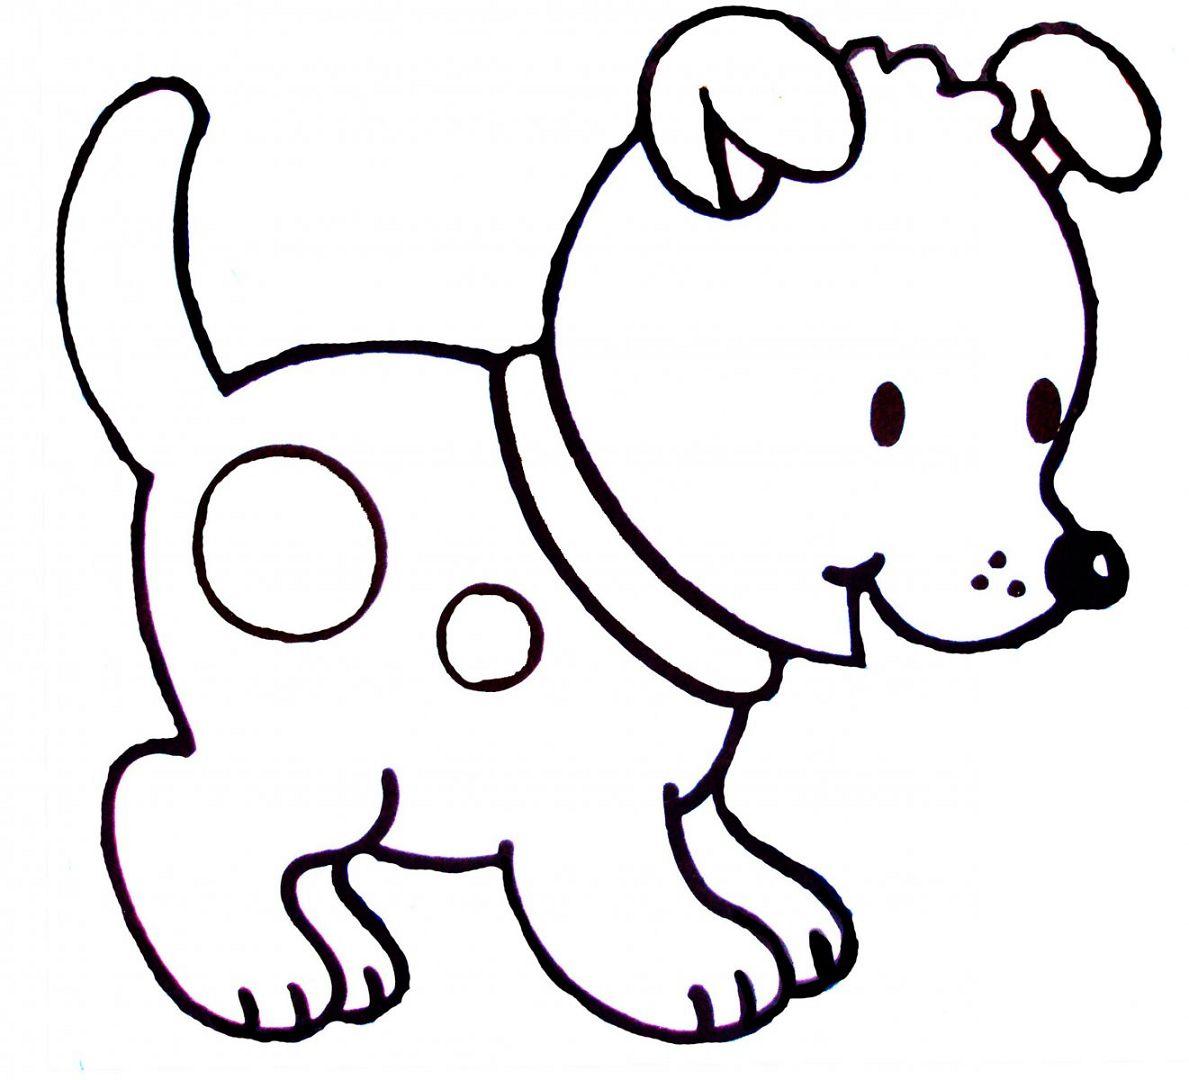 Imagenes de perros para colorear y dibujar - Dibujos infantiles para pared ...